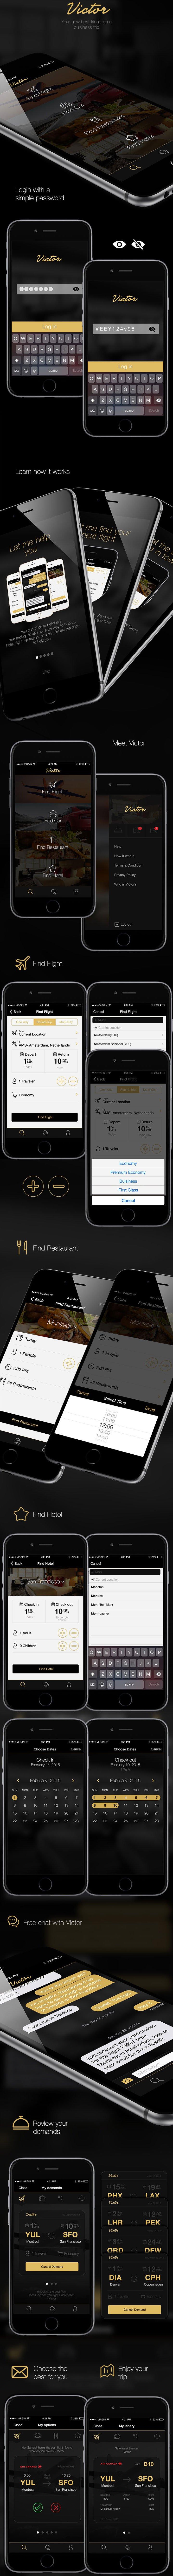 Daily Mobile UI Design Inspiration #457